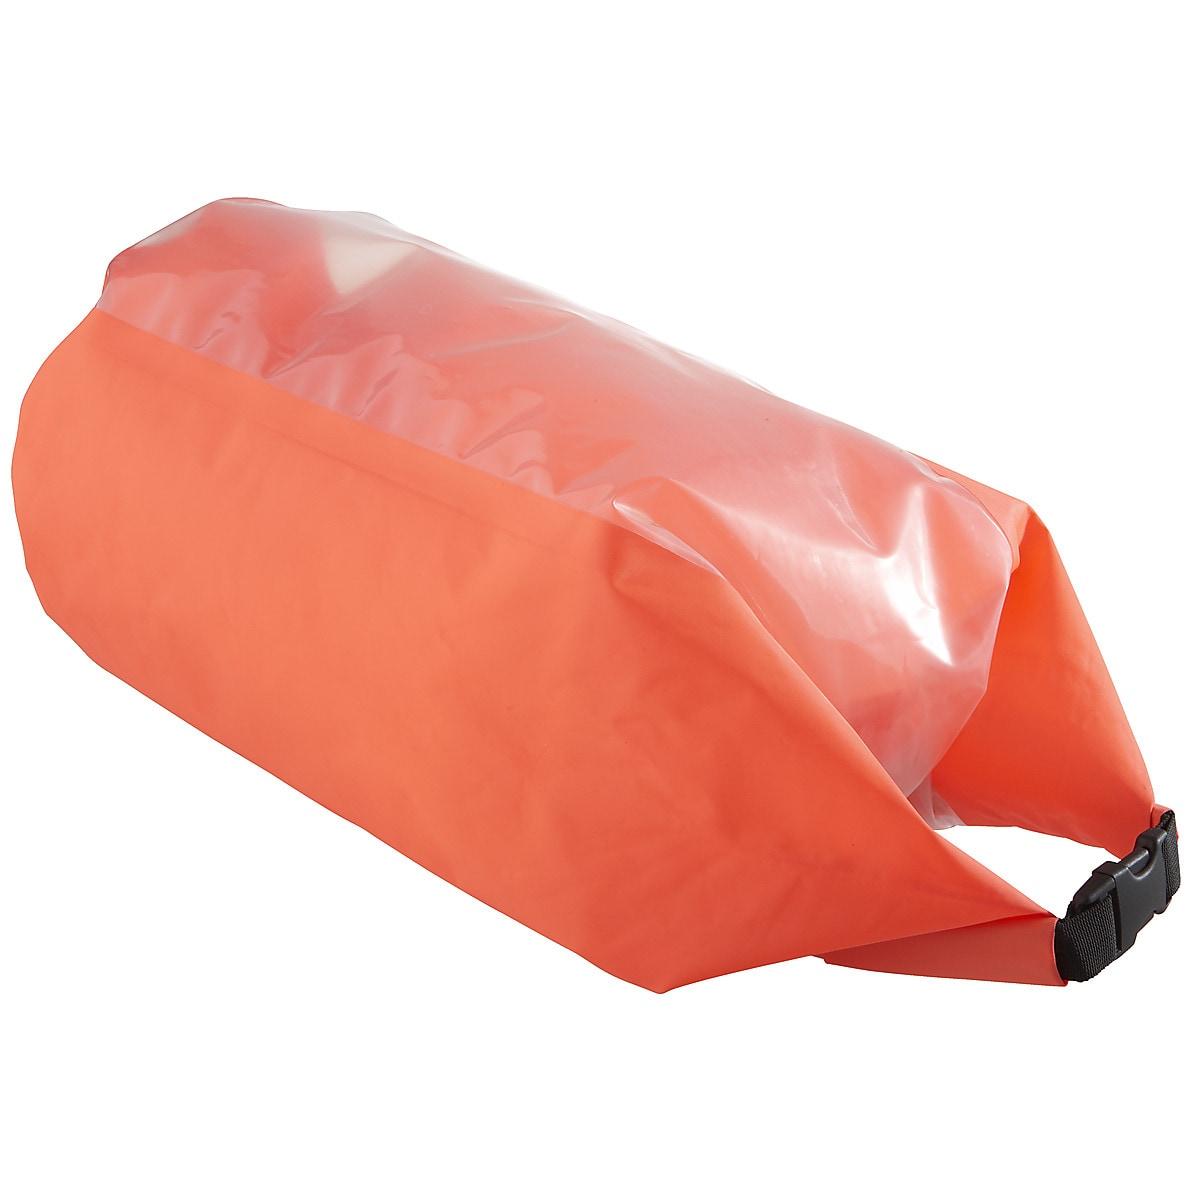 Torrsäck 20 liter Asaklitt